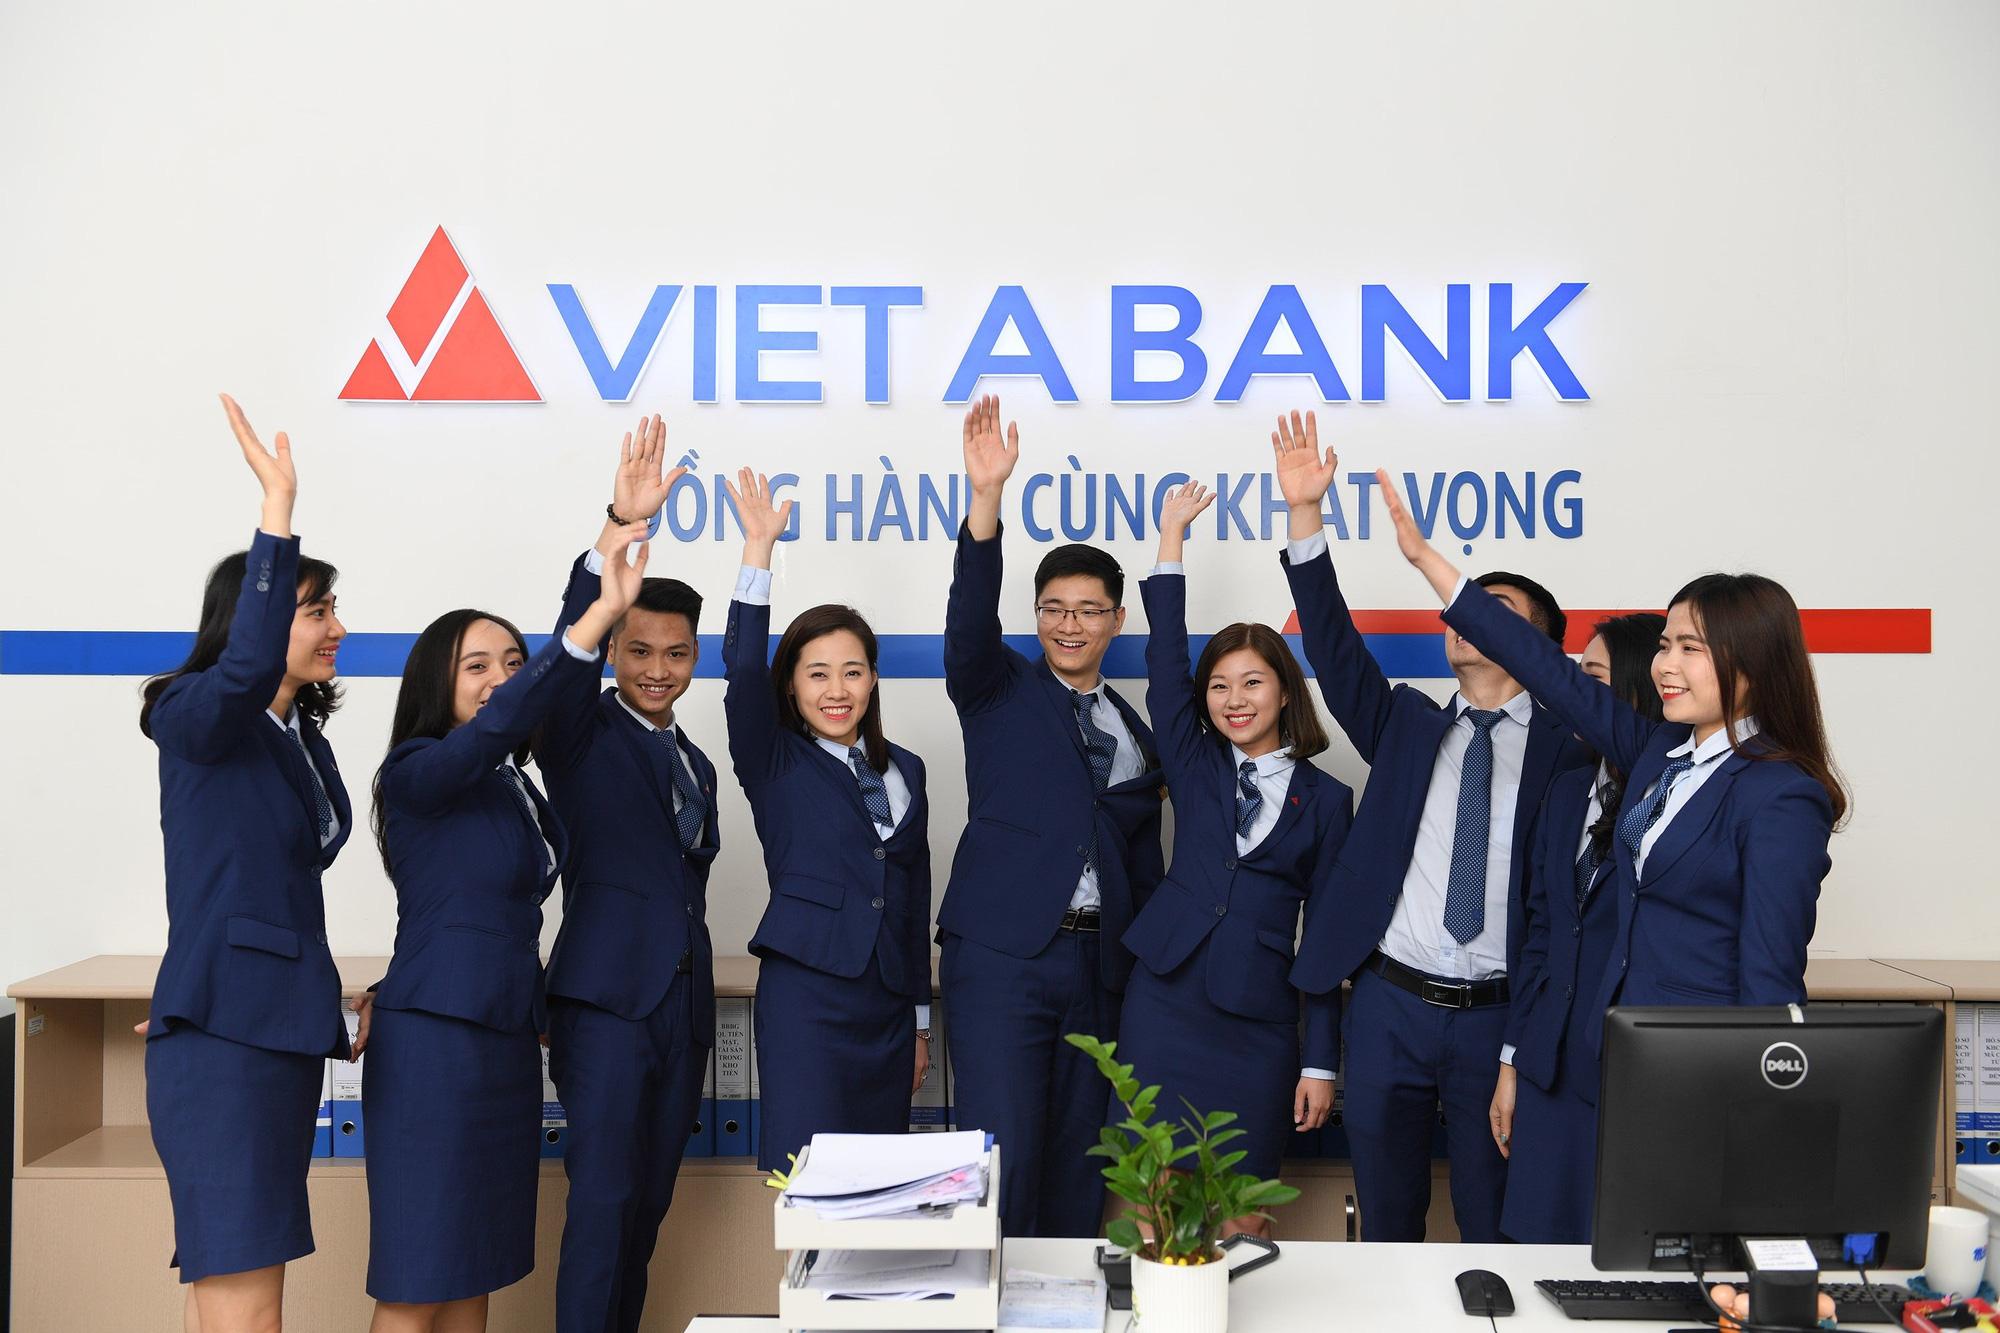 Thị trường chứng khoán chuẩn bị đón thêm một cổ phiếu ngân hàng - Ảnh 1.